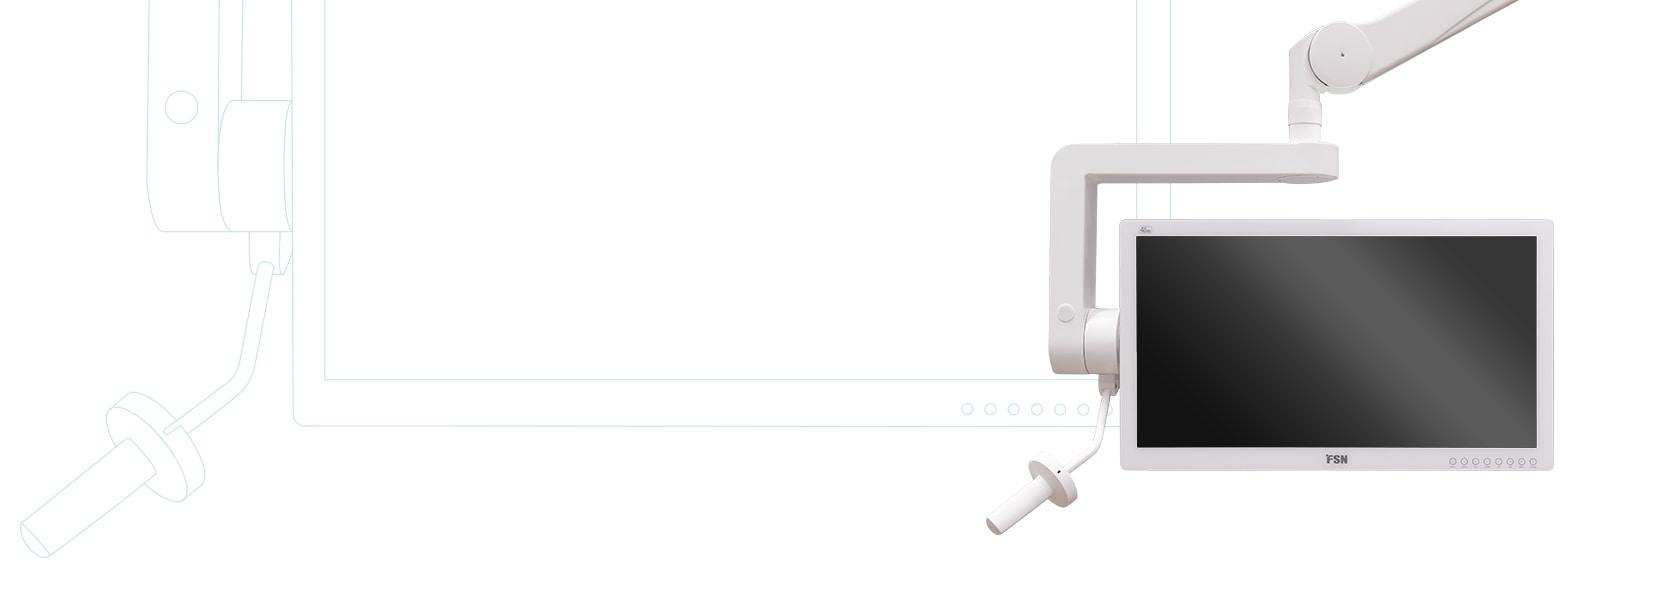 Комплекс оборудования для видеофиксации и трансляции хирургических операций от KLS Martin